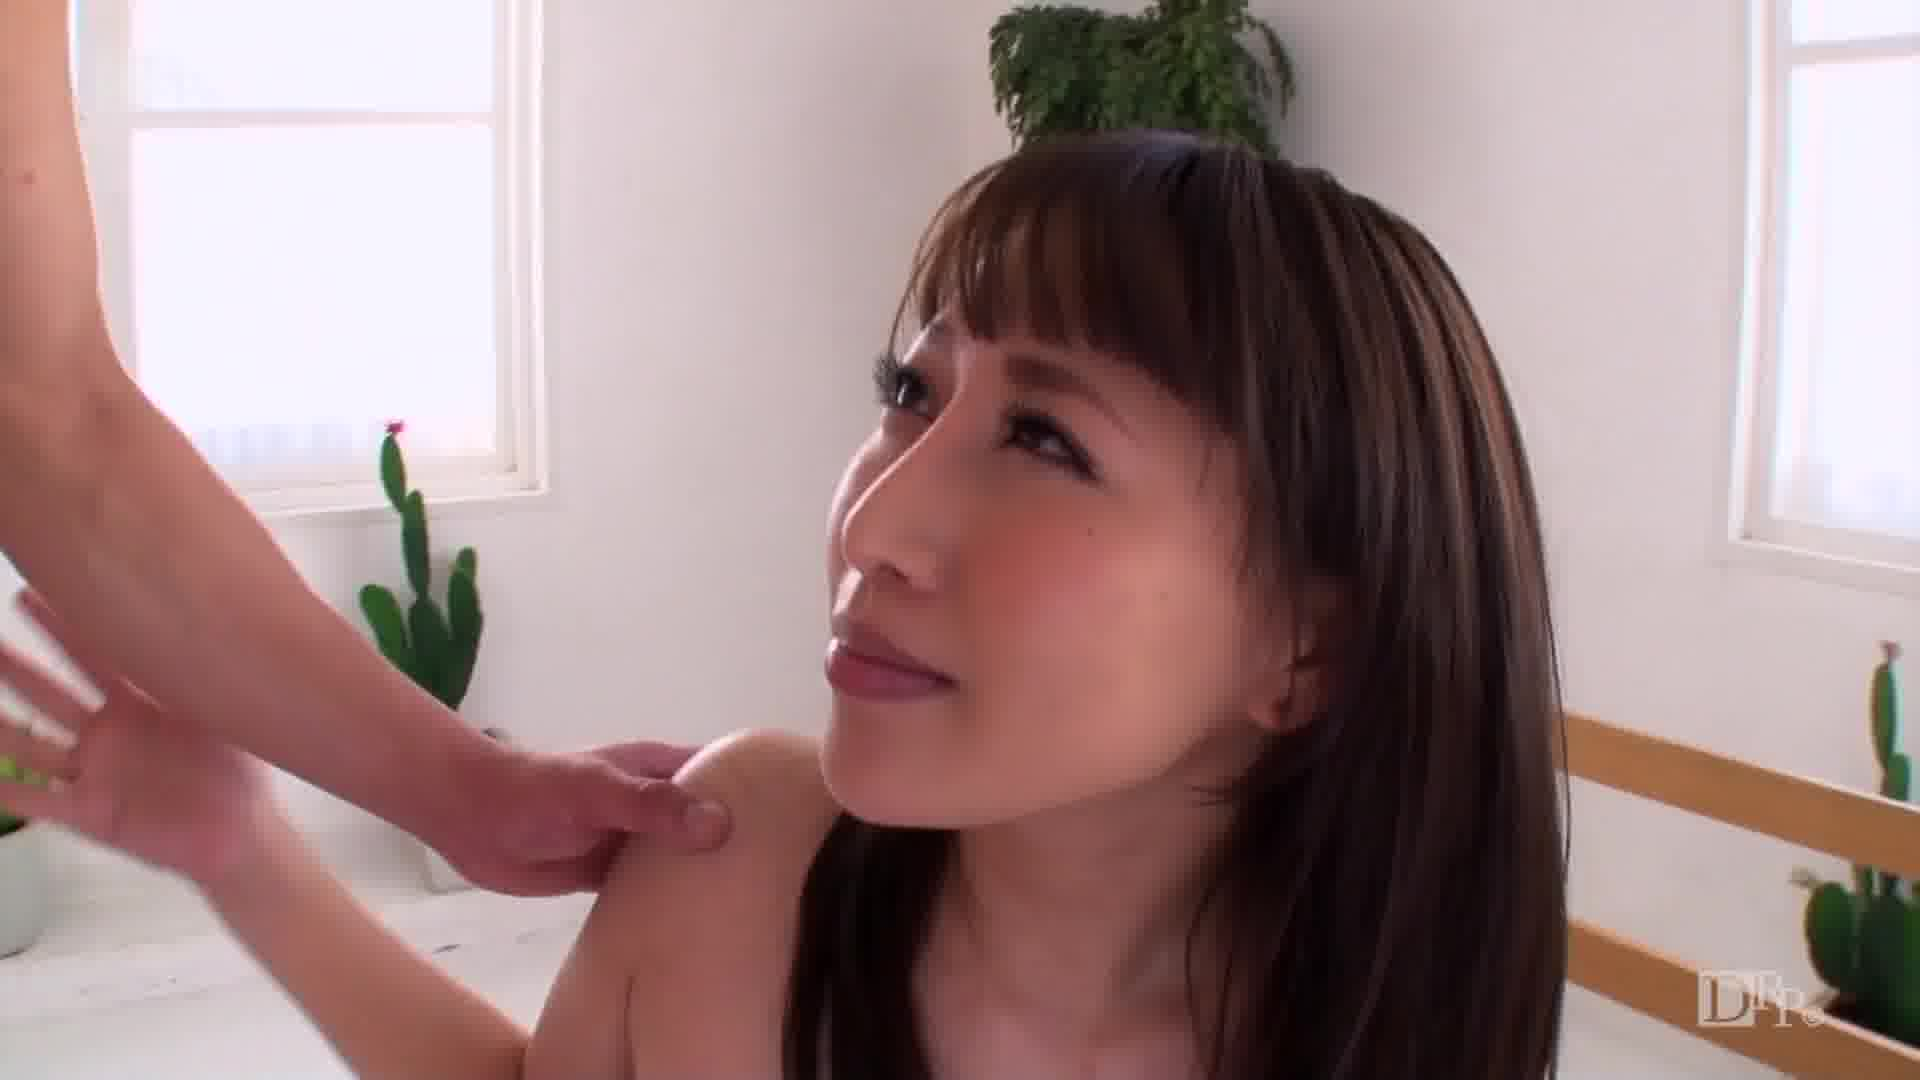 卑猥なボディにゾクゾクしちゃう - 星咲優菜【巨乳・パイズリ・クンニ】